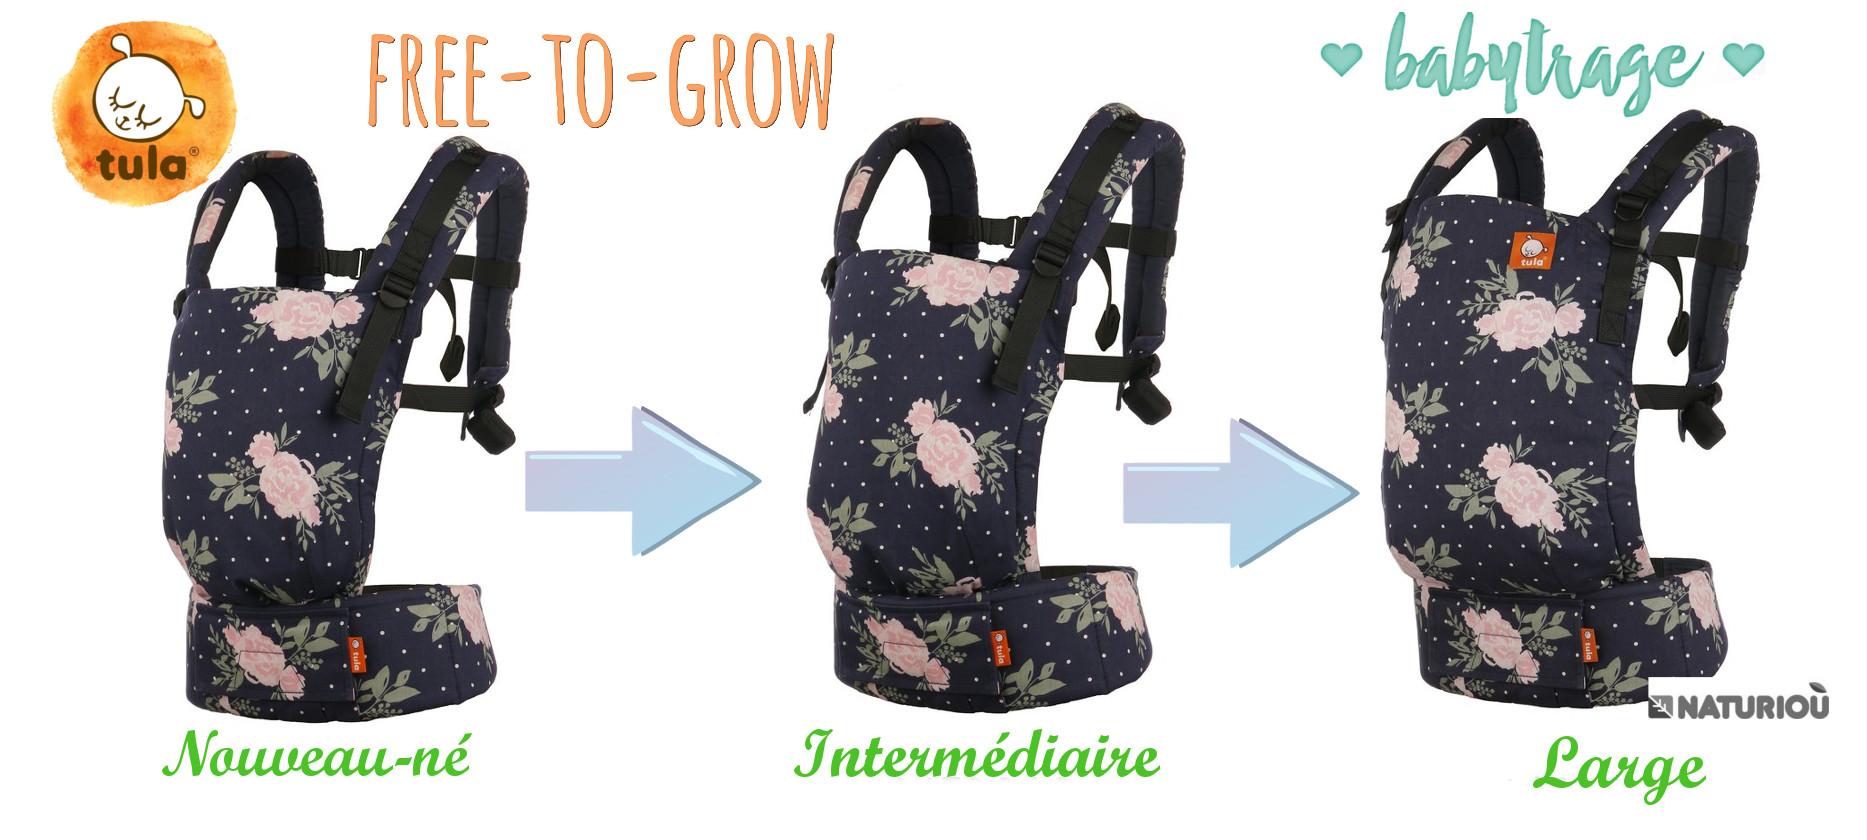 Porte-bébé Free to Grow Blosssom